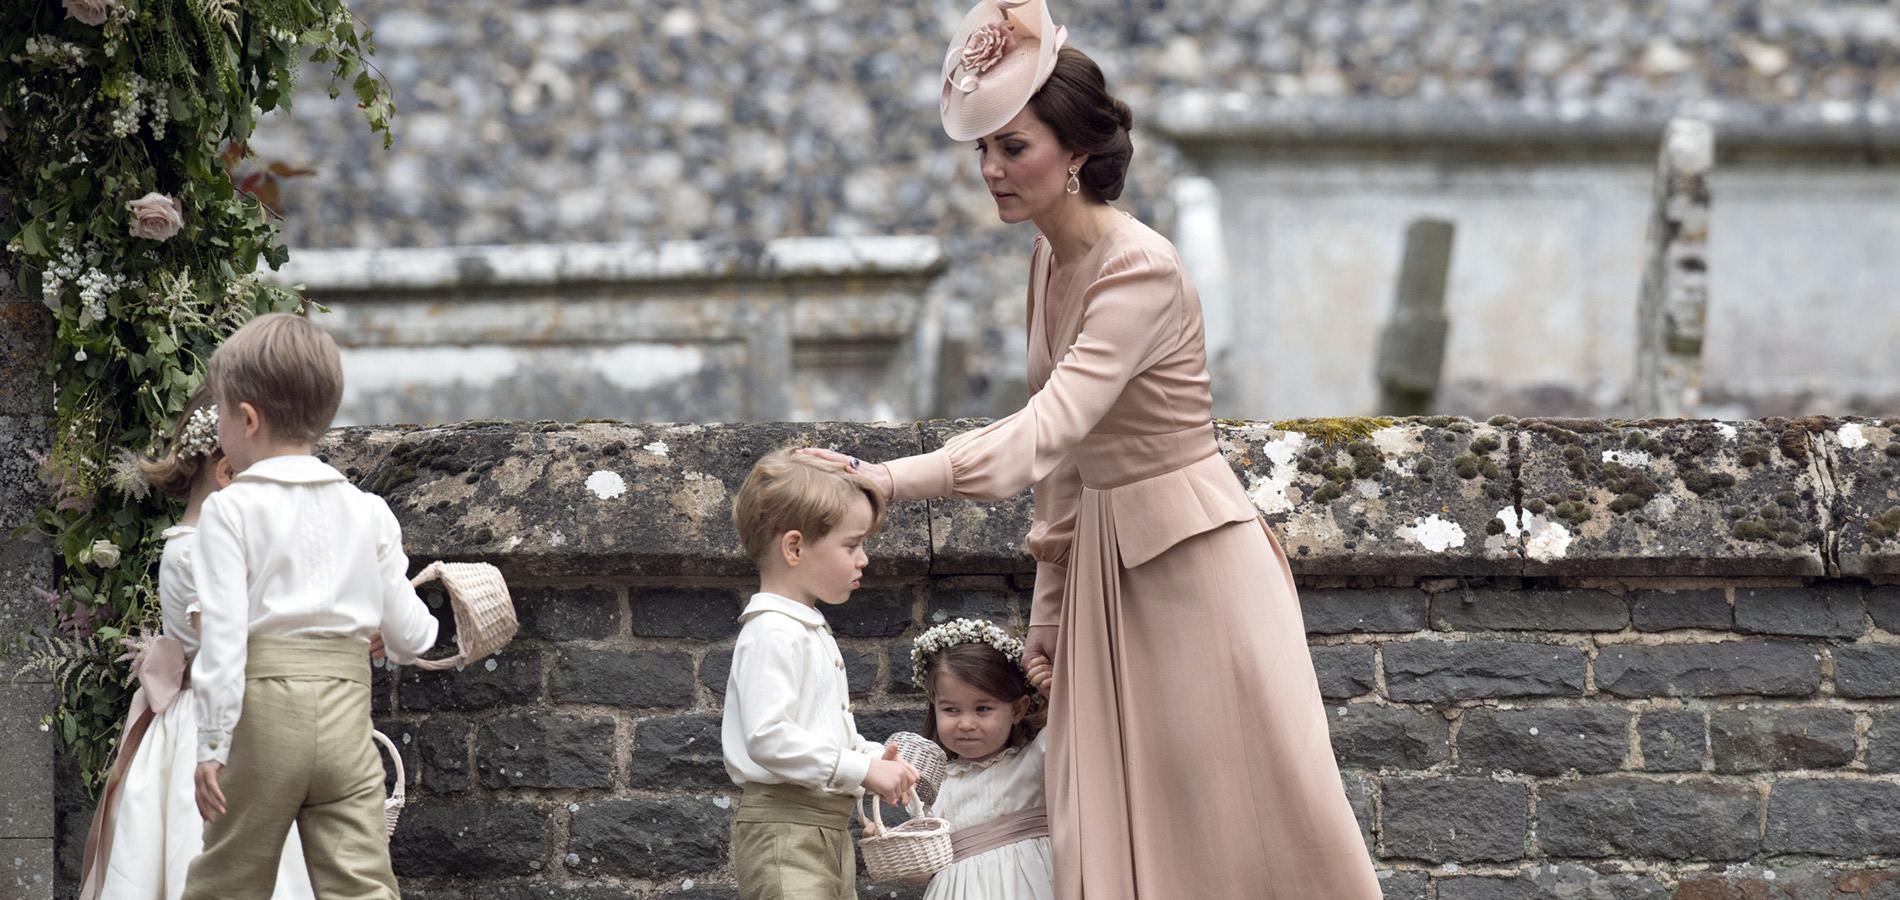 Pourquoi le prince George a-t-il pleuré au mariage de Pippa Middleton?